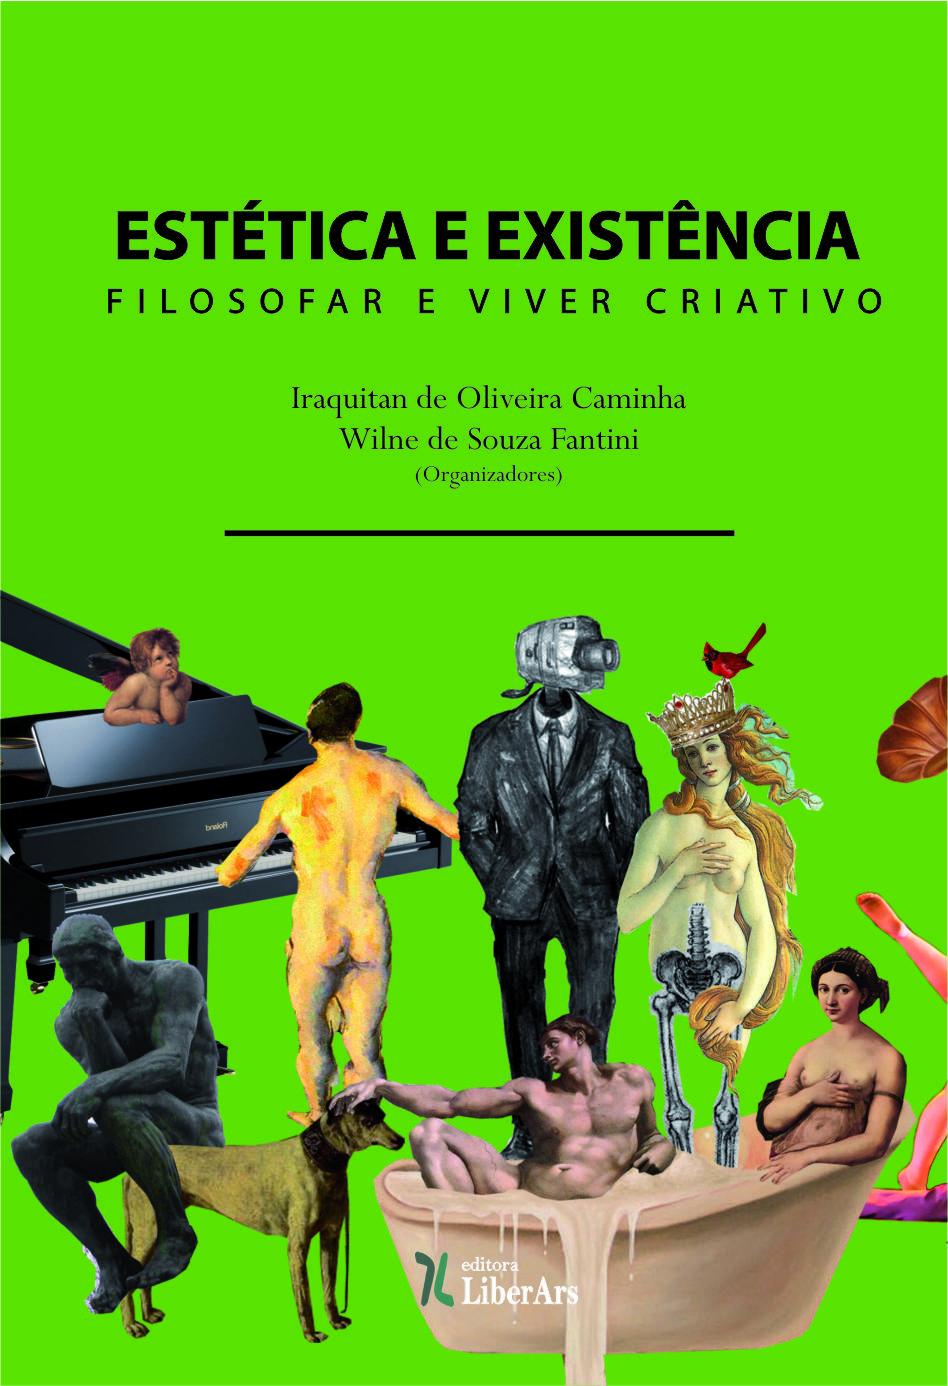 Estética e Existência: Filosofar e viver criativo, livro de Iraquitan de Oliveira Caminha ,  Wilne de Souza Fantini (org.)